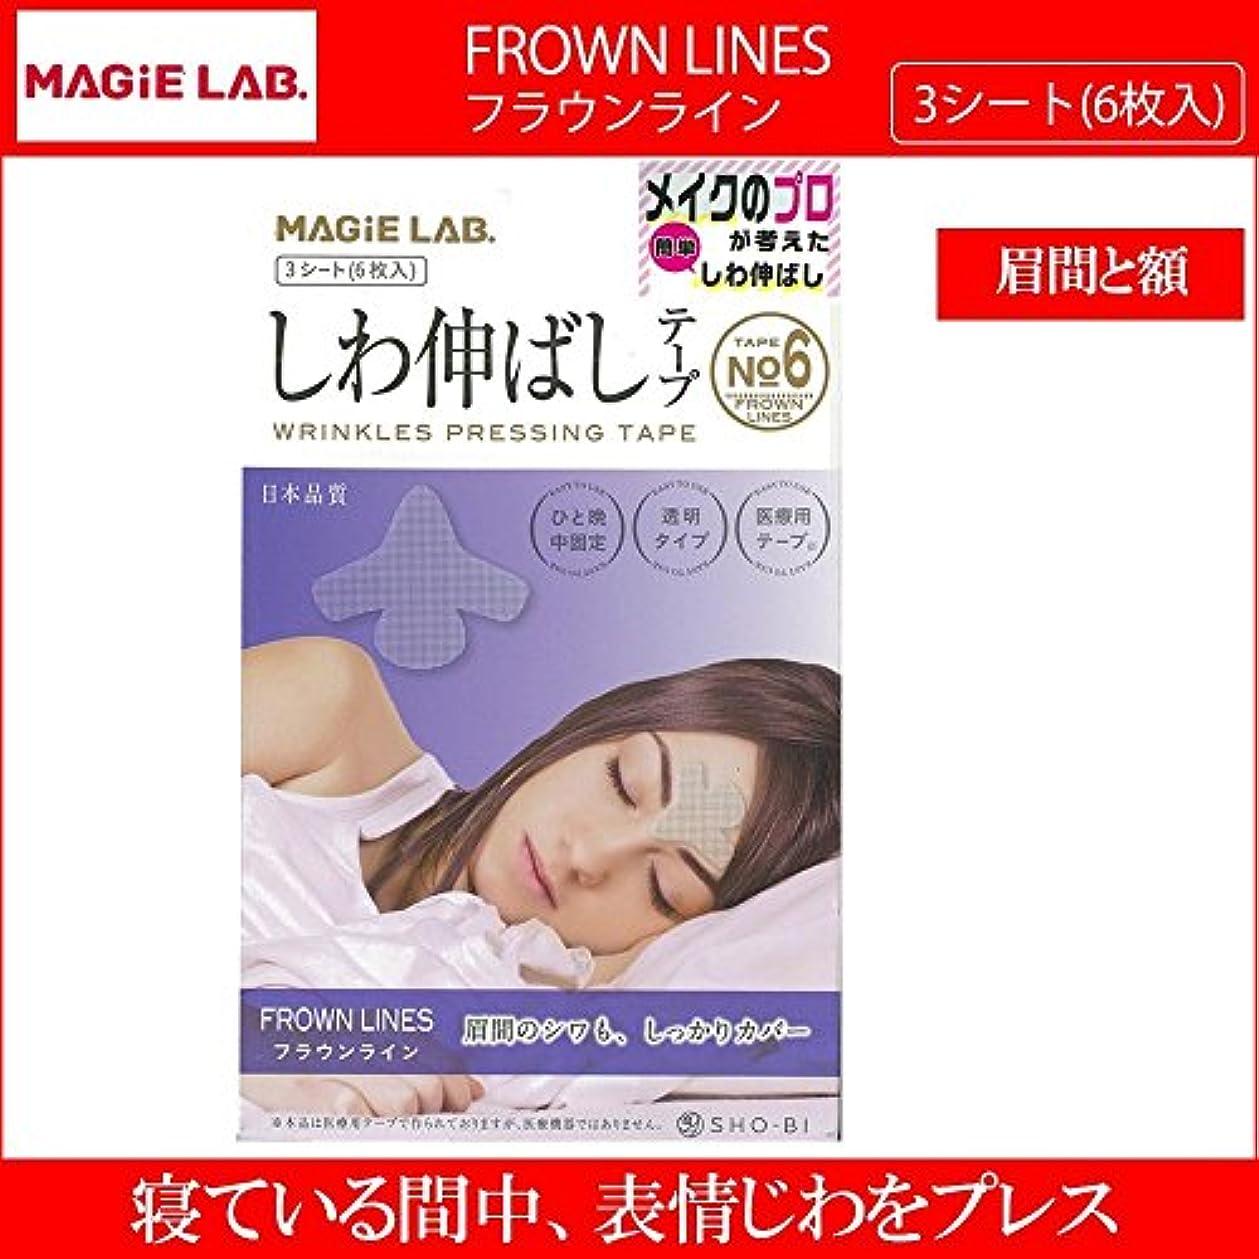 誘惑指華氏MAGiE LAB.(マジラボ) しわ伸ばしテープ NO.6 FROWN LINES(フラウンライン) 3シート(6枚入) MG22150